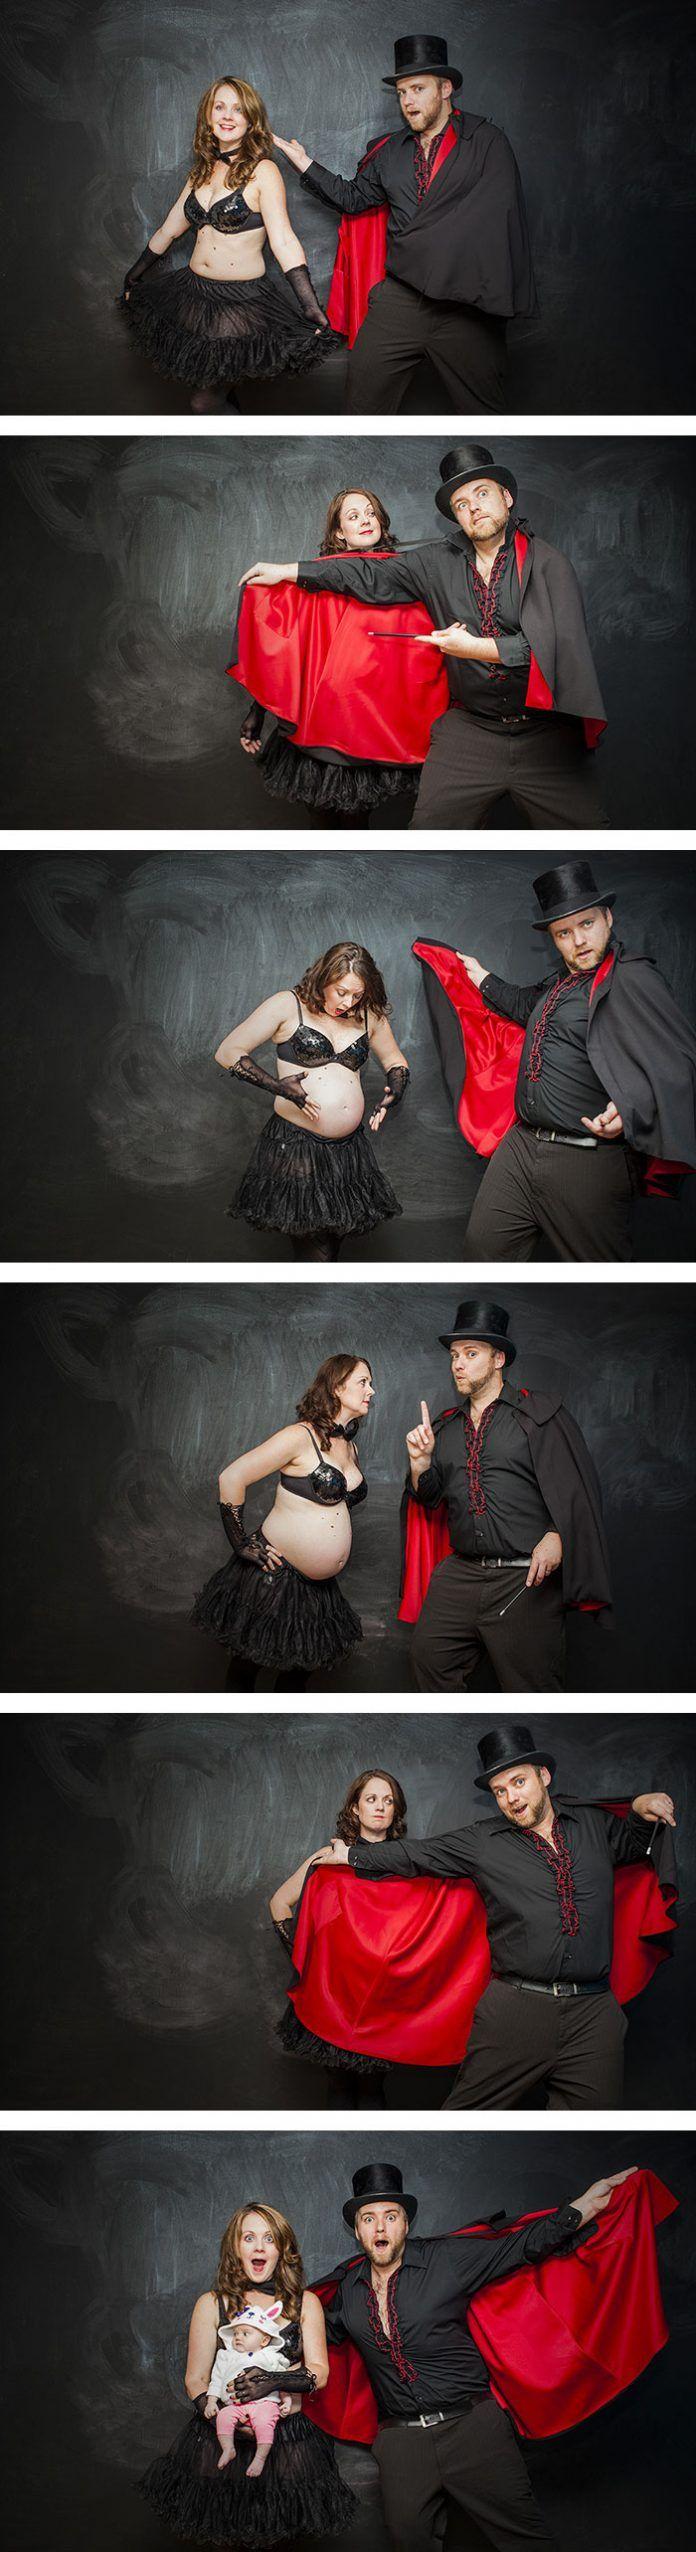 Grossesse : 15 superbes photos avant / après larrivée du bébé ! Humour, poésie et émotion.